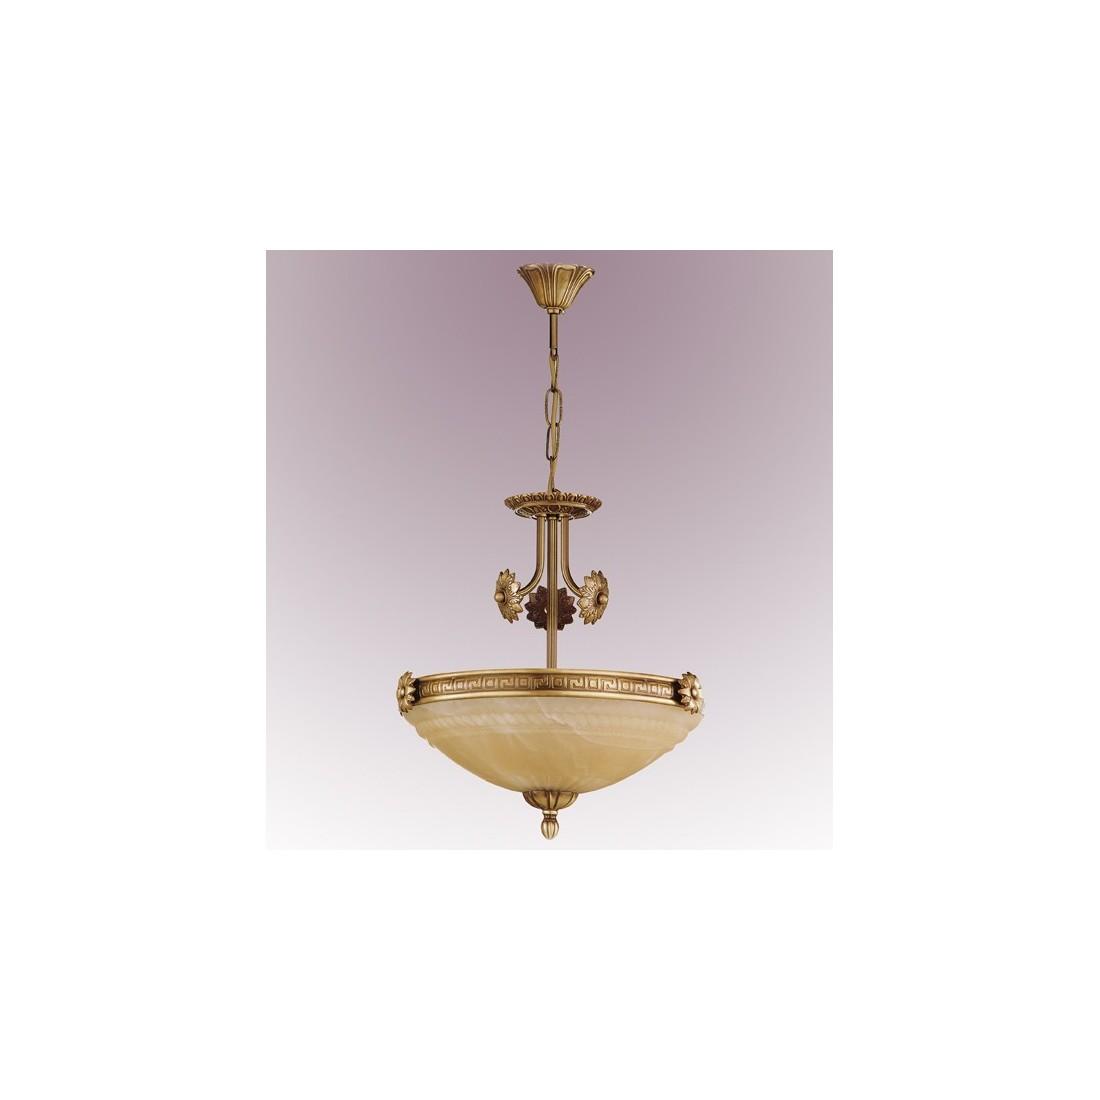 L mpara de bronce y cristal de murano env o r pido y seguro - Lamparas de cristal de murano ...